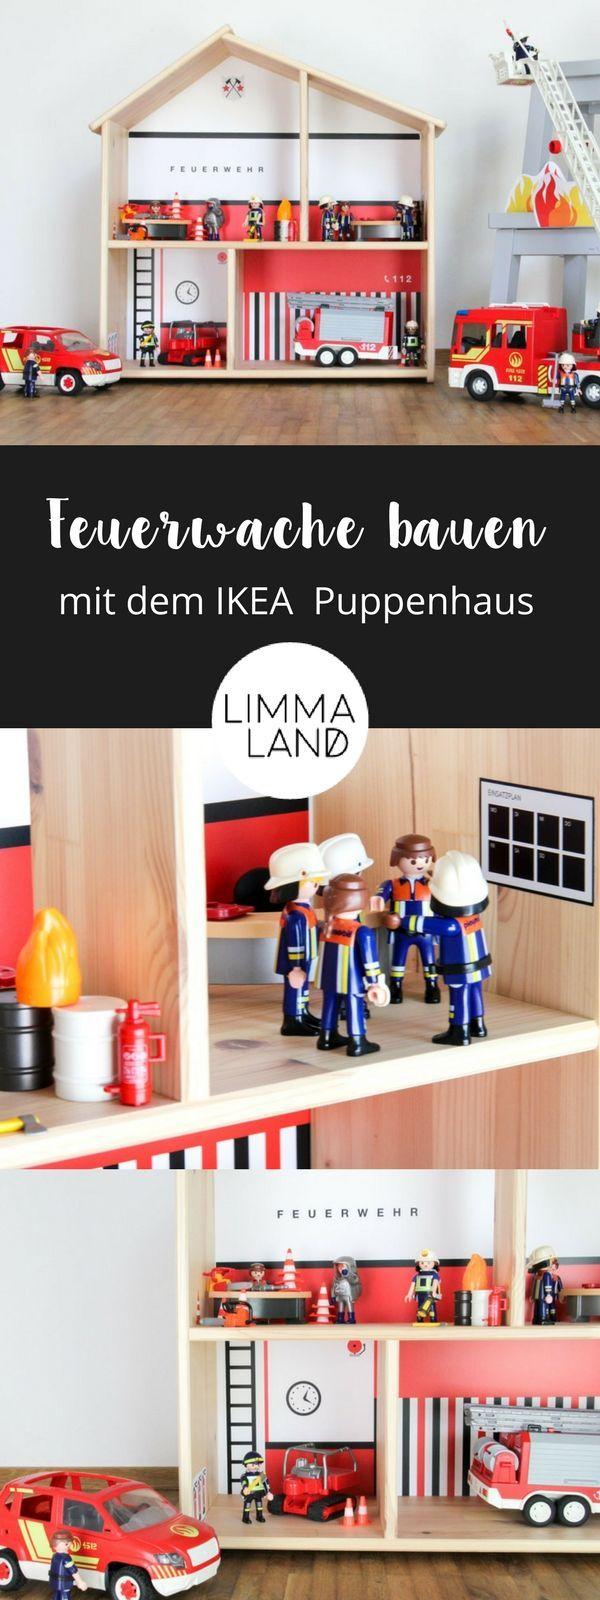 IKEA Flisat Hack: Wir verwandeln das schöne Holz Puppenhaus von IKEA aus der FLISAT Serie in eine Feuerwache. Das perfekte Geschenk für alle kleinen Feuerwehrfans. Das Stickerset mit Flammen und vielen Accessoires für diesen IKEA FLISAT Hack findet ihr in unserem Shop. – J J